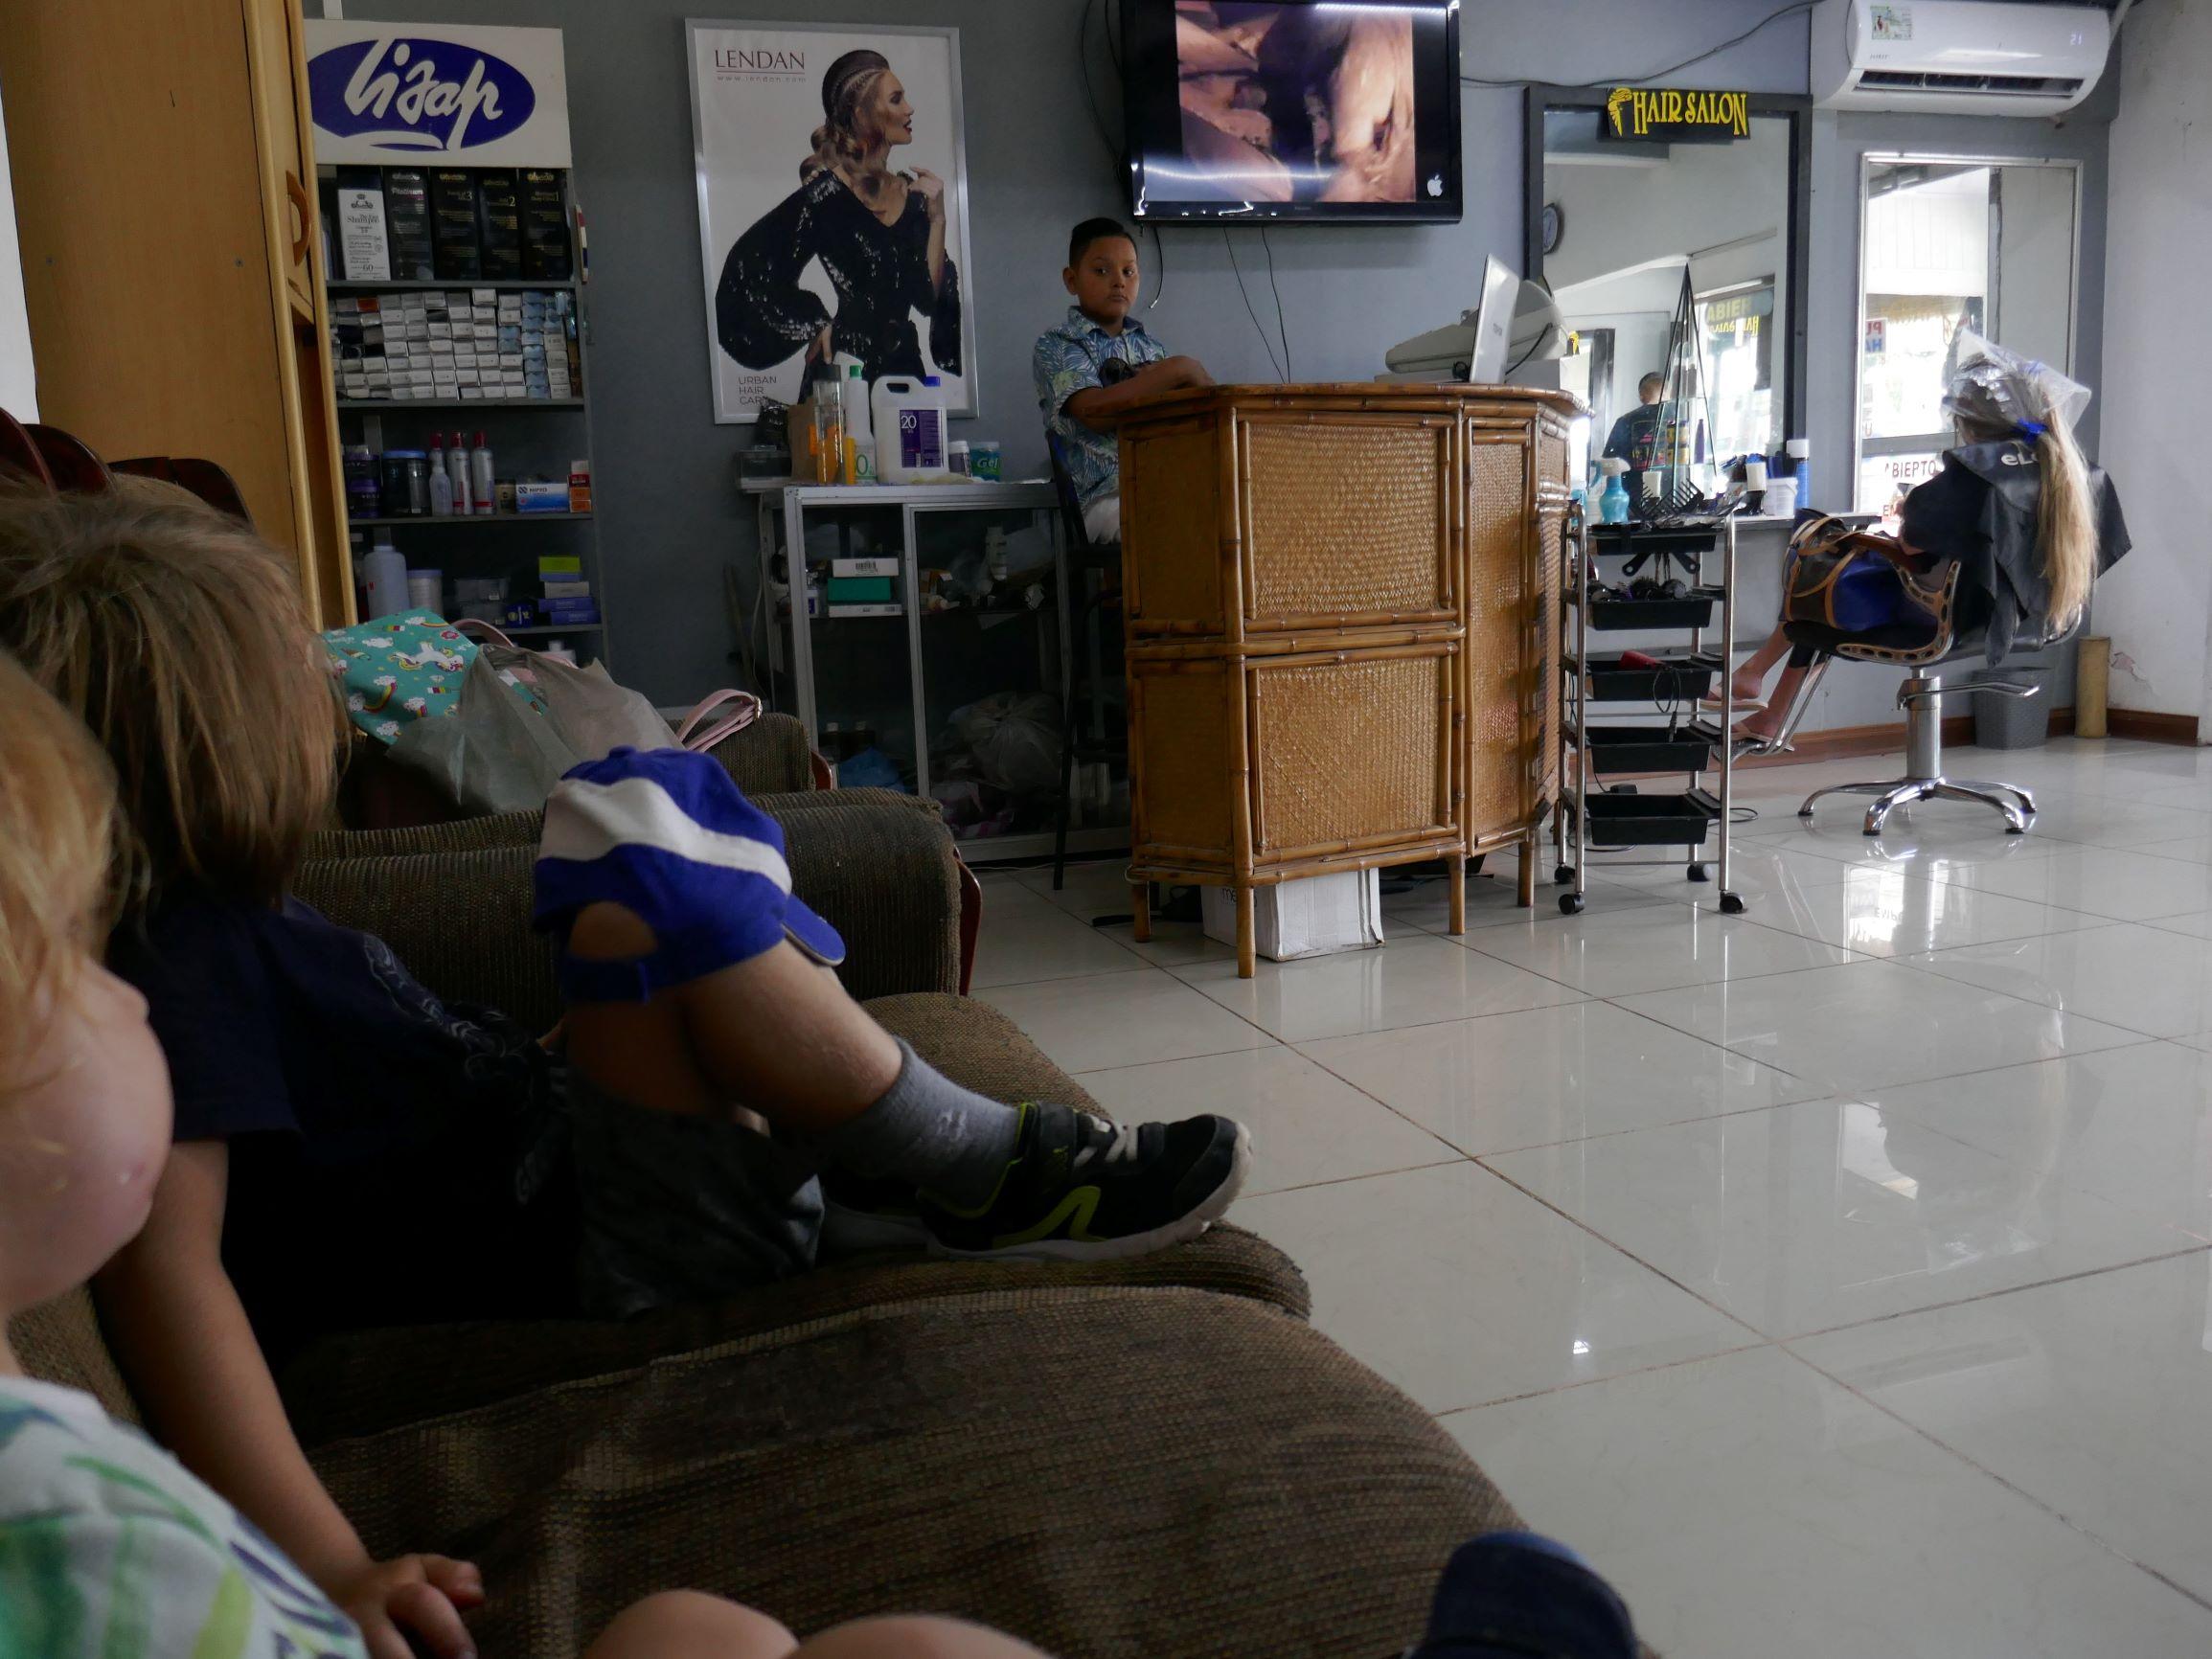 salon-coiffure-costa-rica